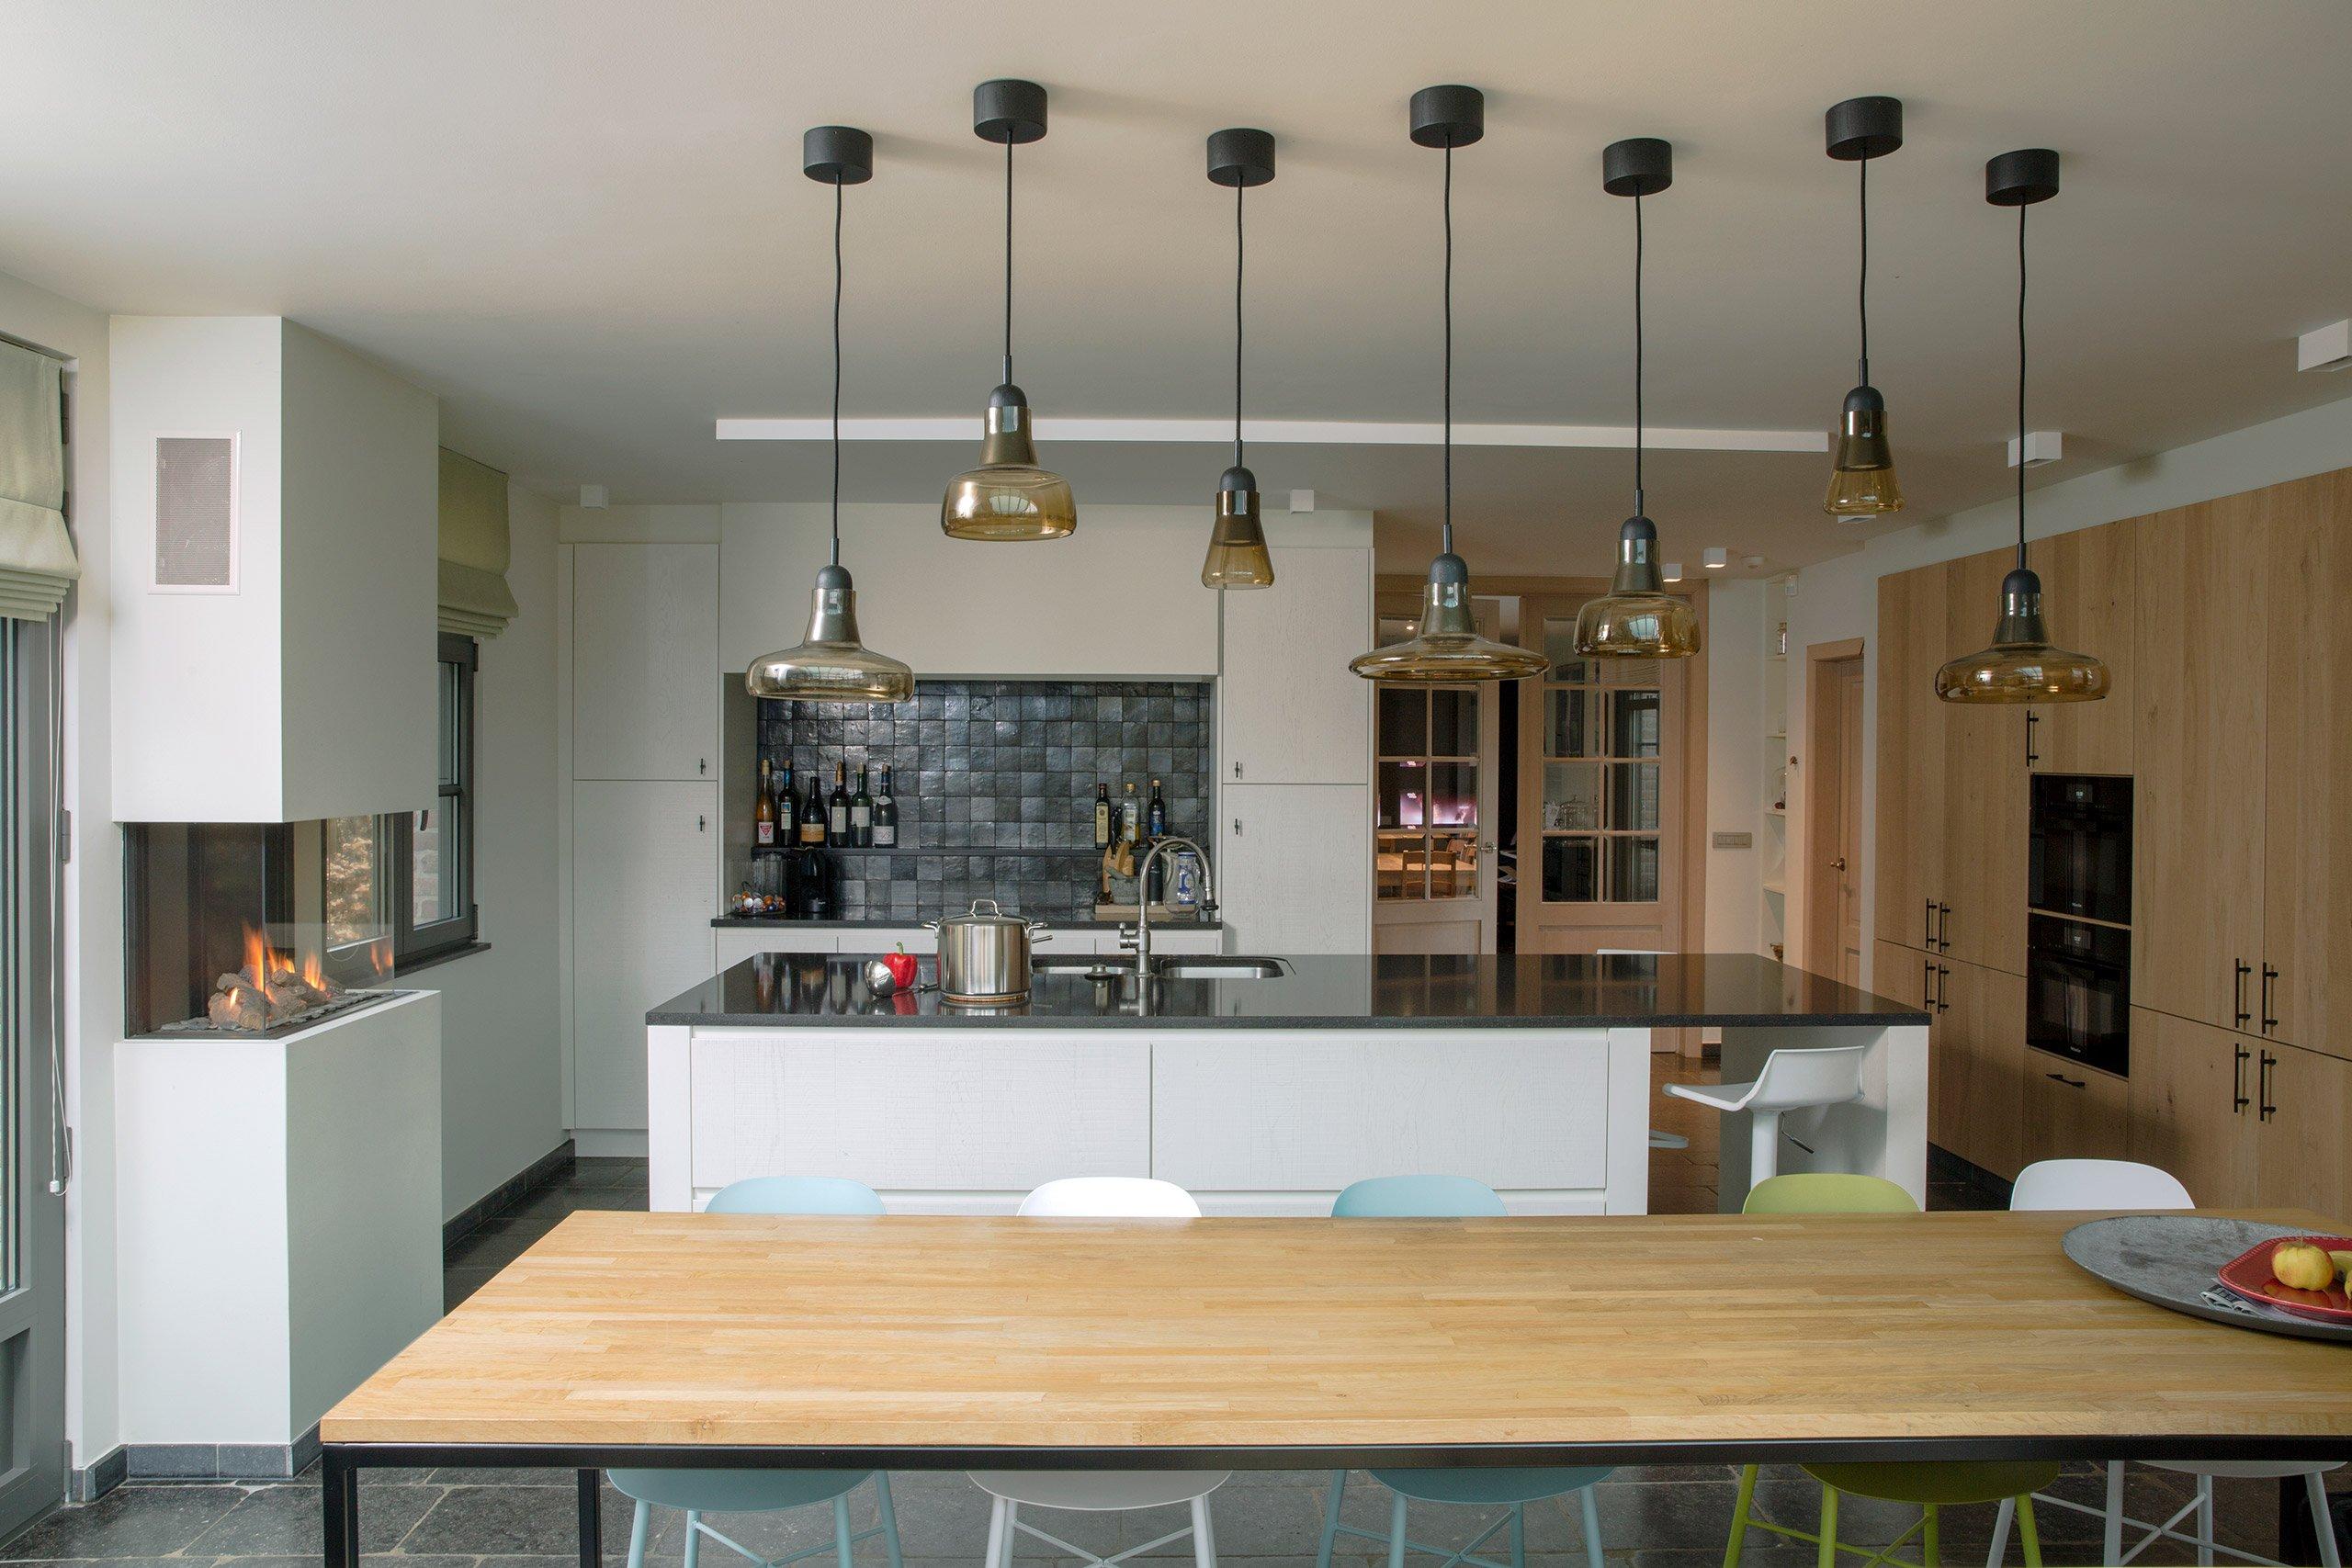 Landelijk Keuken Strakke : Landelijke keuken in contrast met strakke toestellen u inspired by